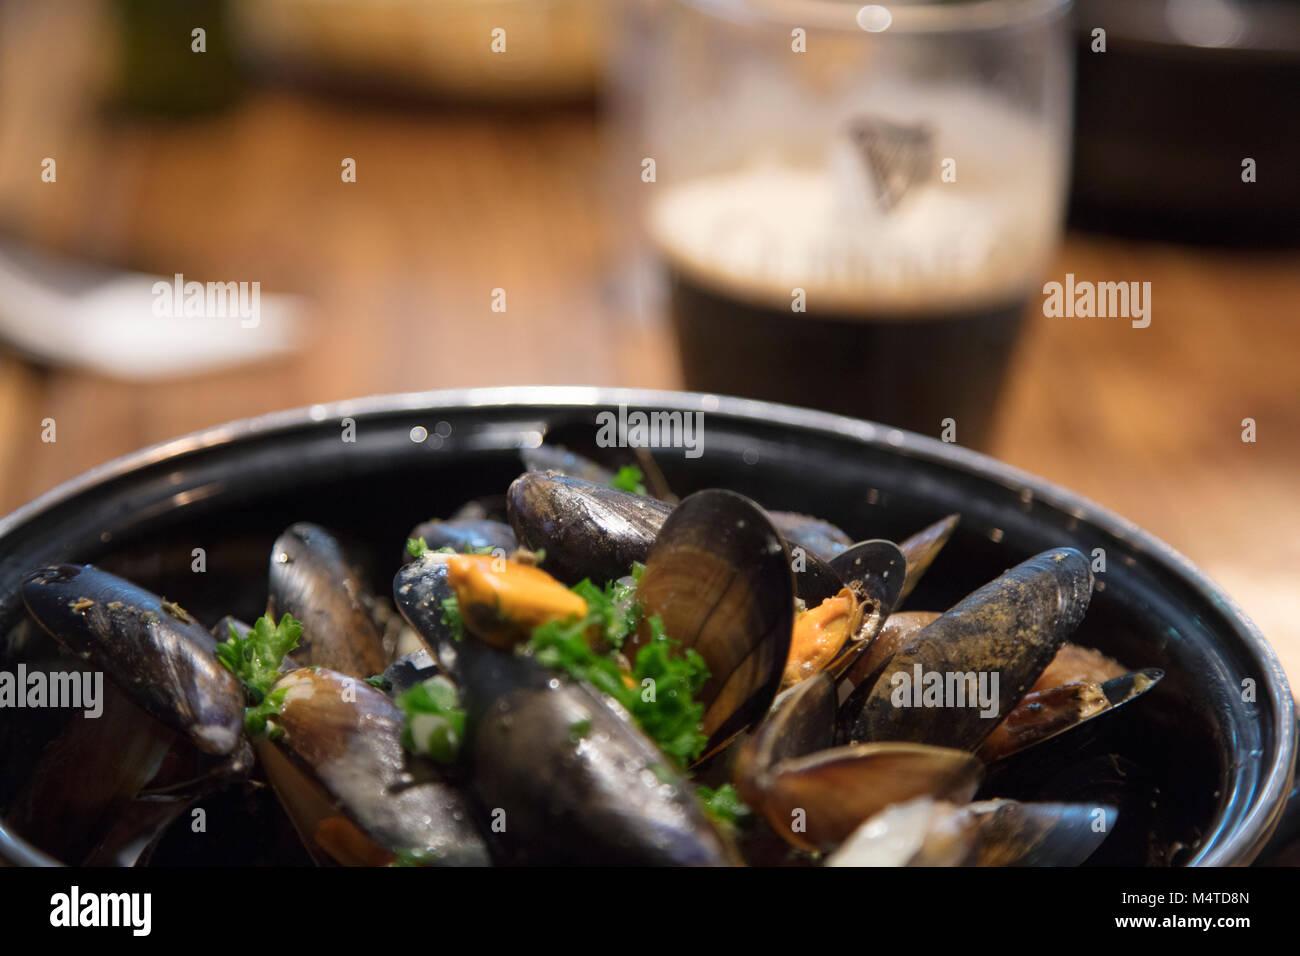 Muscheln und Guinness - tolles Irish Pub essen. Clifden, County Galway, Irland. Stockbild